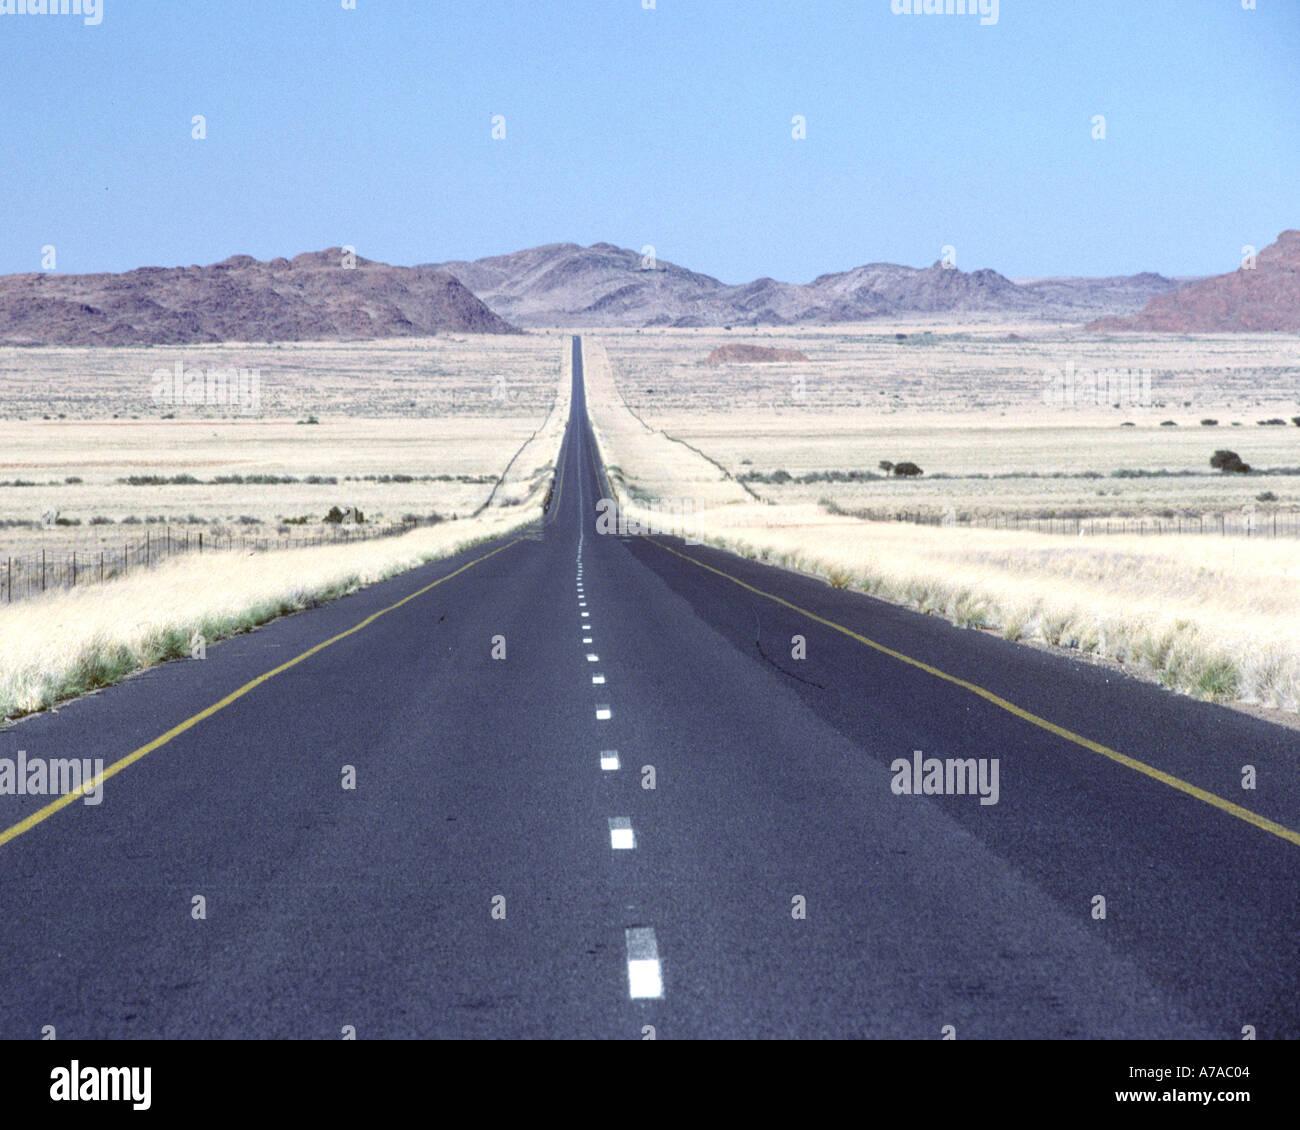 L'n14 strada in Sud Africa settentrionale della provincia del capo. Foto Stock